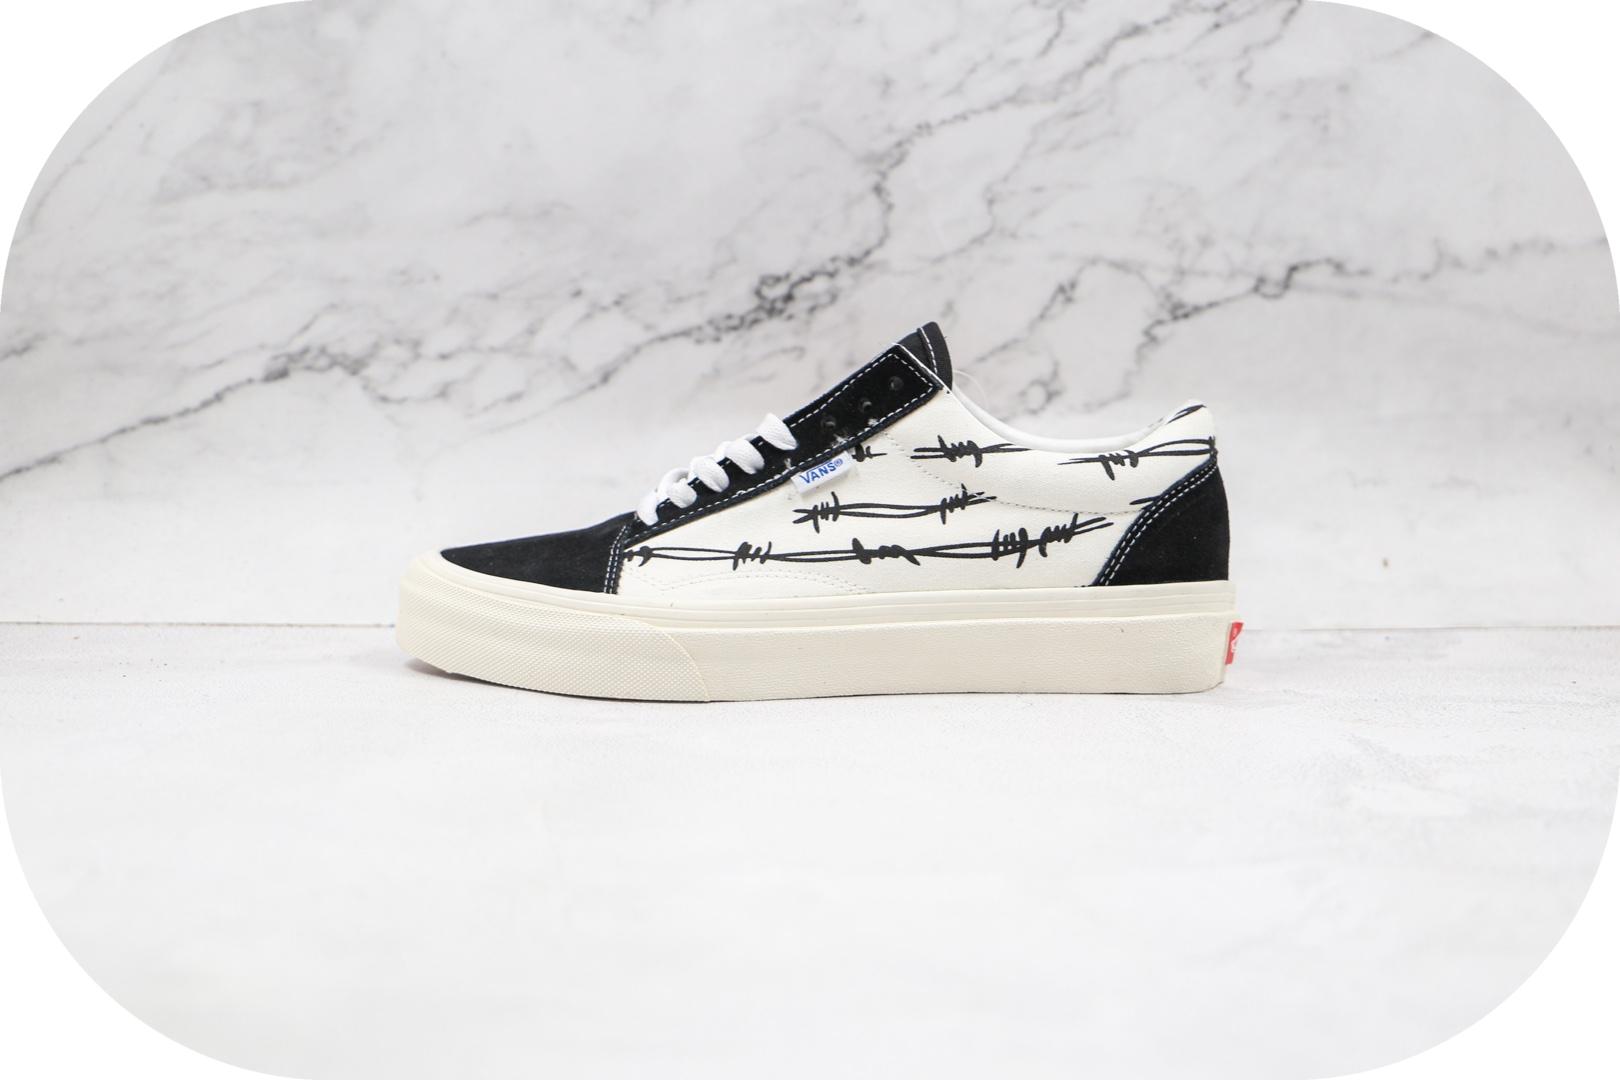 万斯Vans OG Old Skool NS LX公司级版本低帮条纹黑白色硫化帆布鞋原盒原标原厂硫化大底